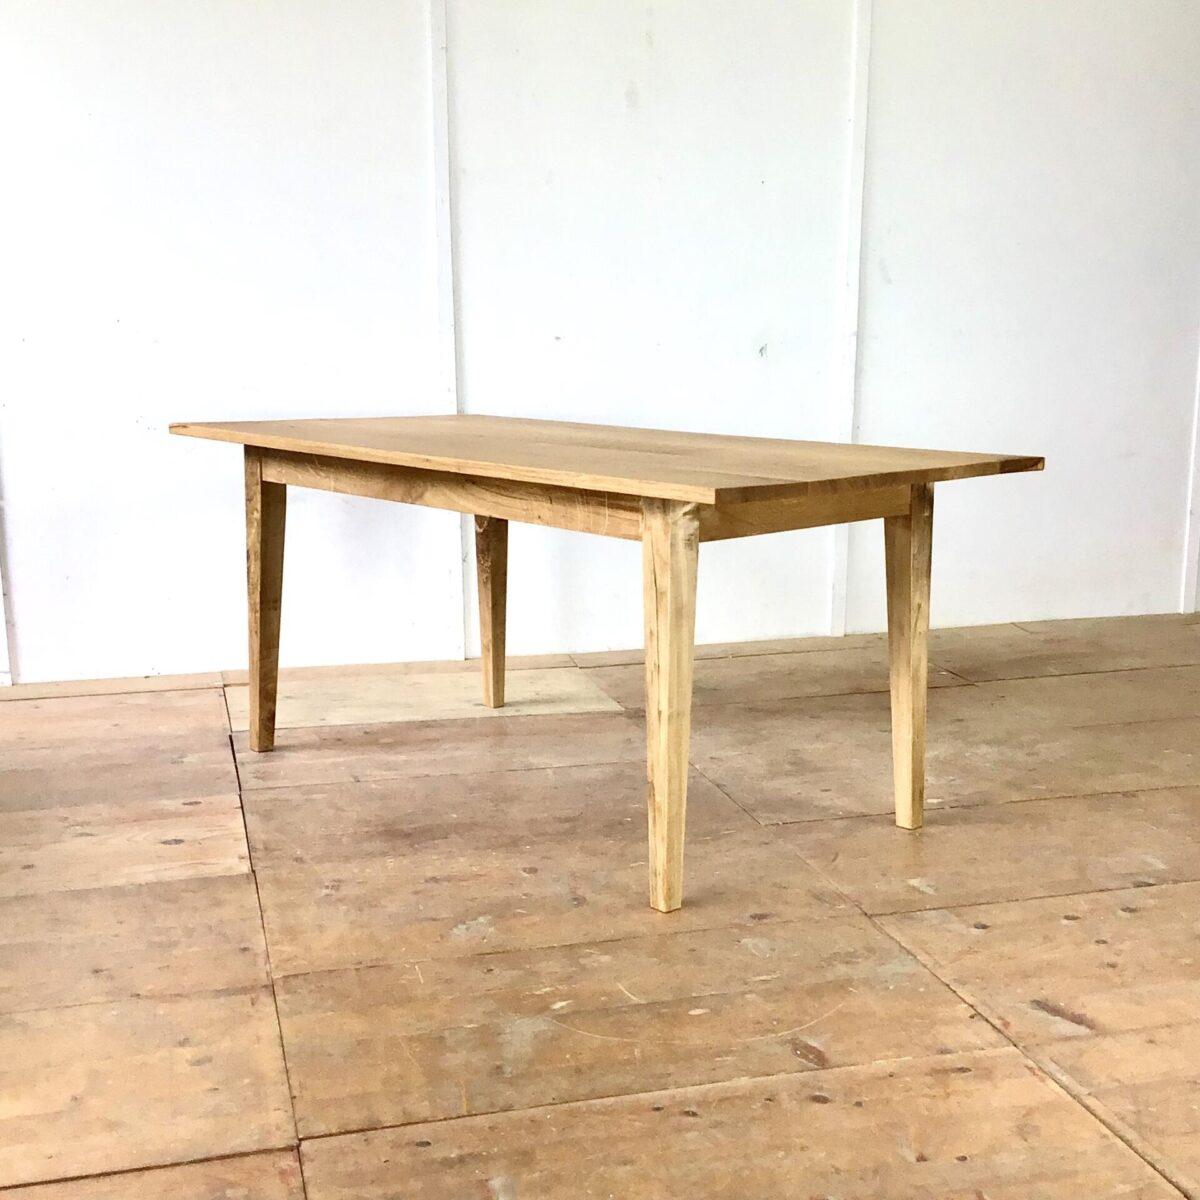 Deuxieme.shop Esstisch aus Eichen Altholz 175cm mal 88.5cm Höhe 75cm. Ein paar kleine Wurmlöcher im Tischblatt, Oberflächen Behandlung mit natürlichem Hartöl.